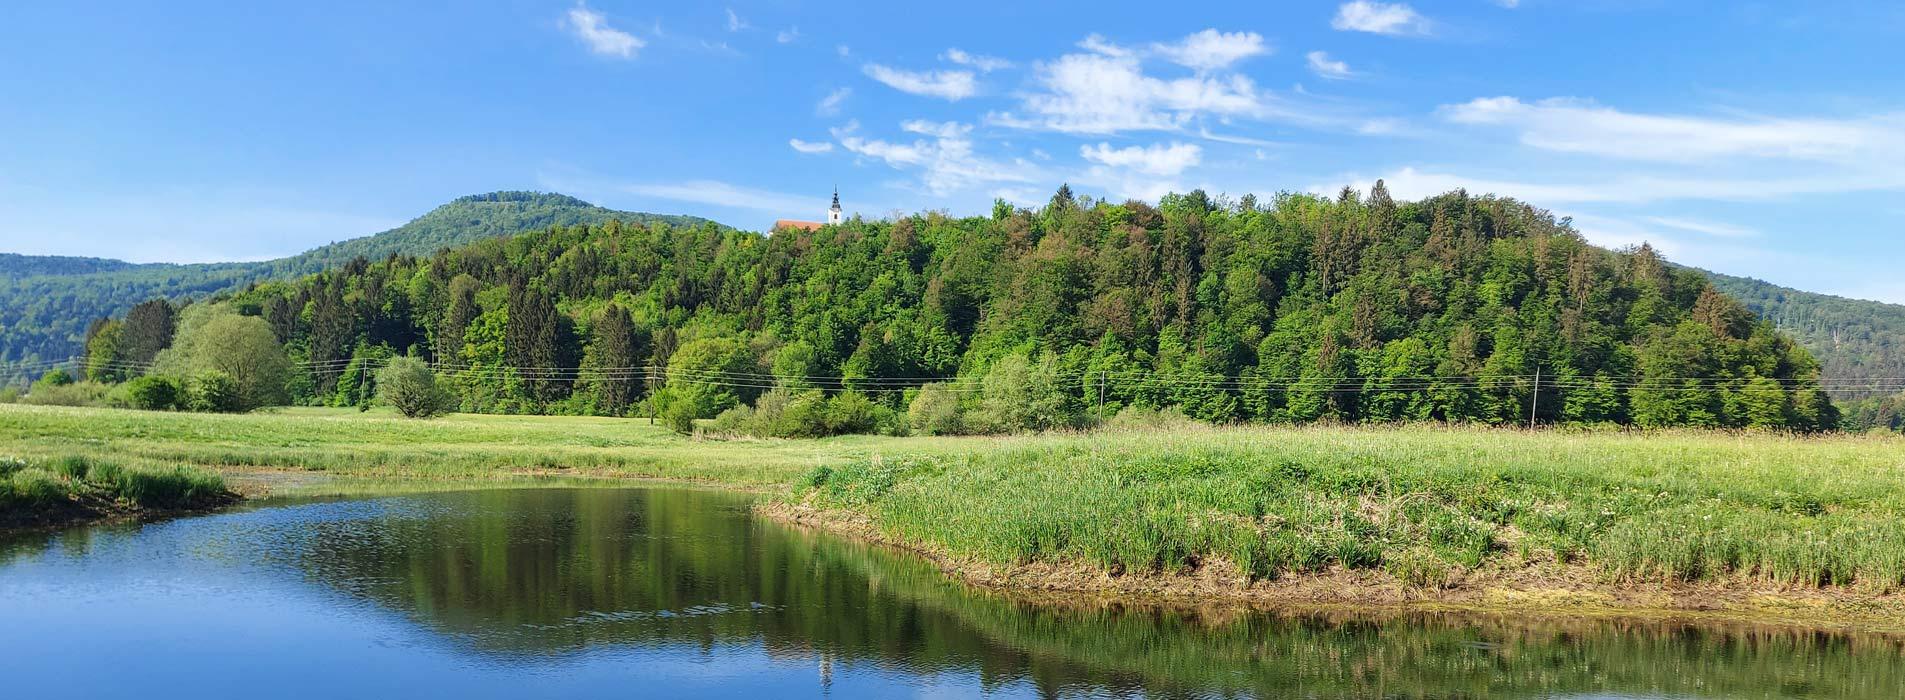 Radensko Polje Landscape Park (Slovenia)